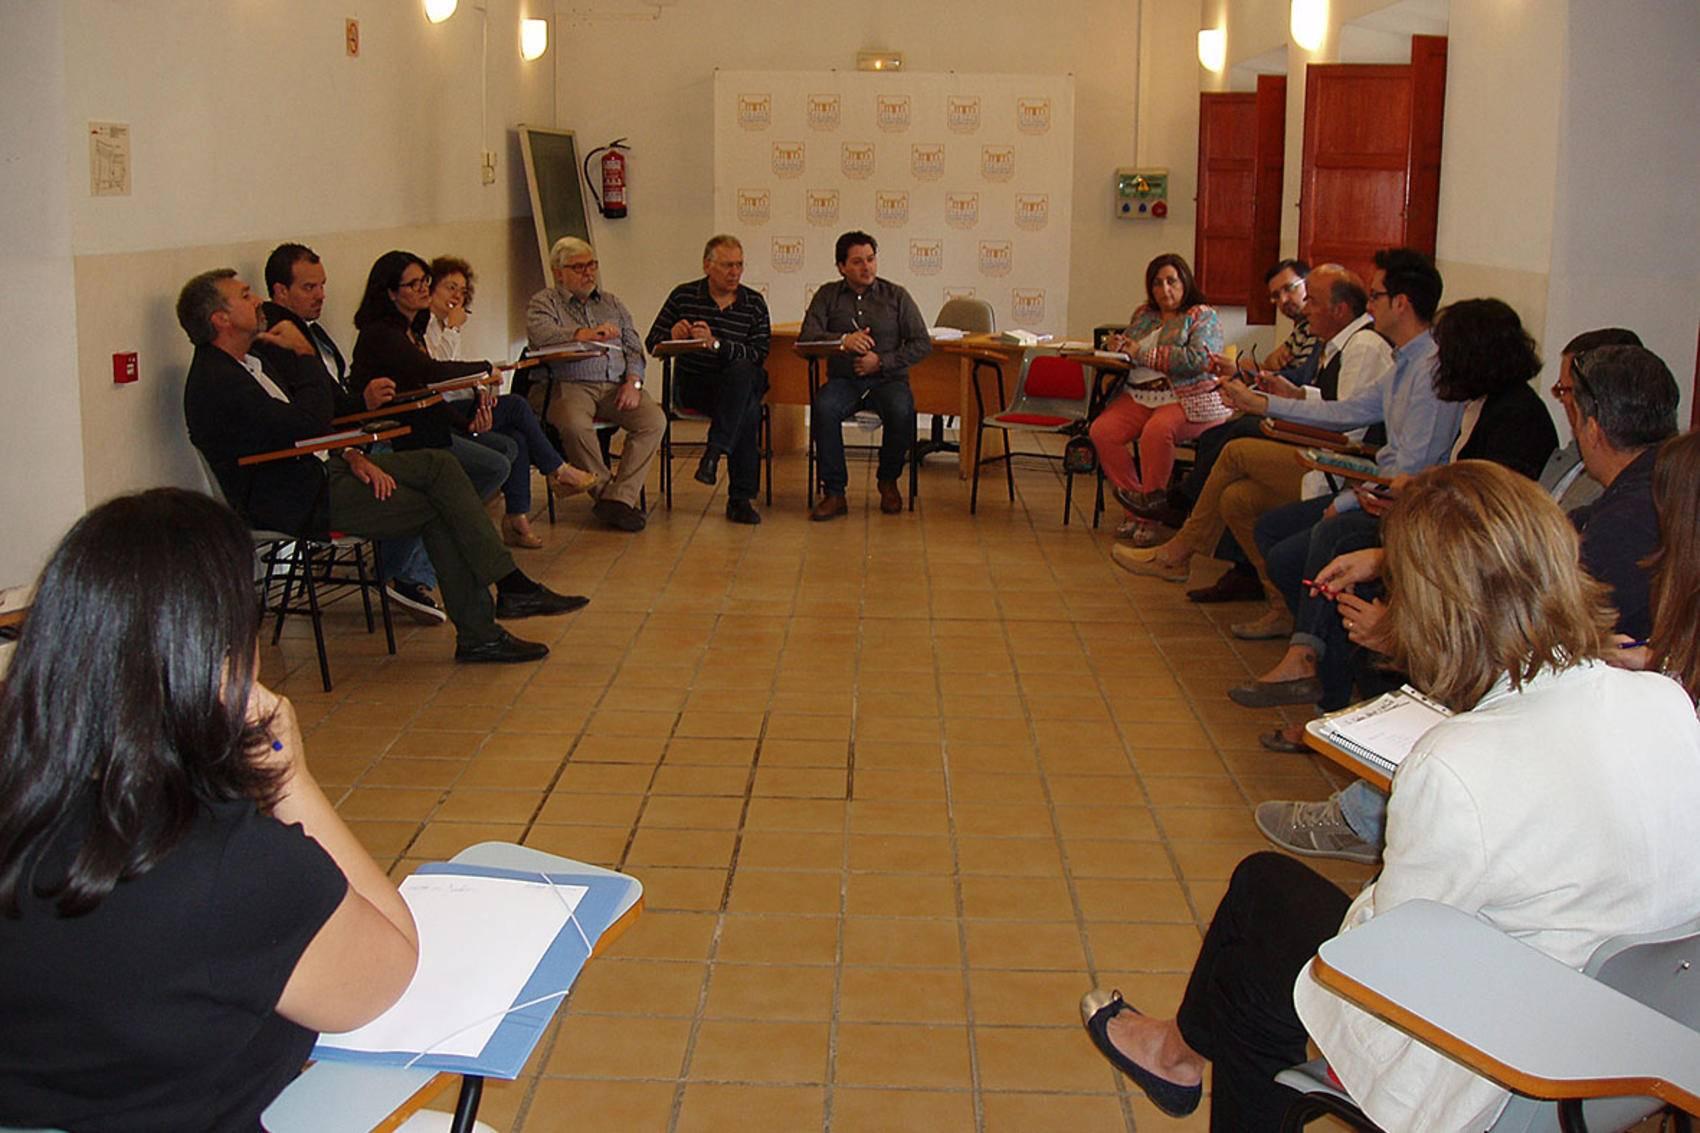 Reuni%C3%B3n sobre convenios culturales de la diputacion de Ciudad Real - Reunión para analizar los convenios culturales de la Diputación